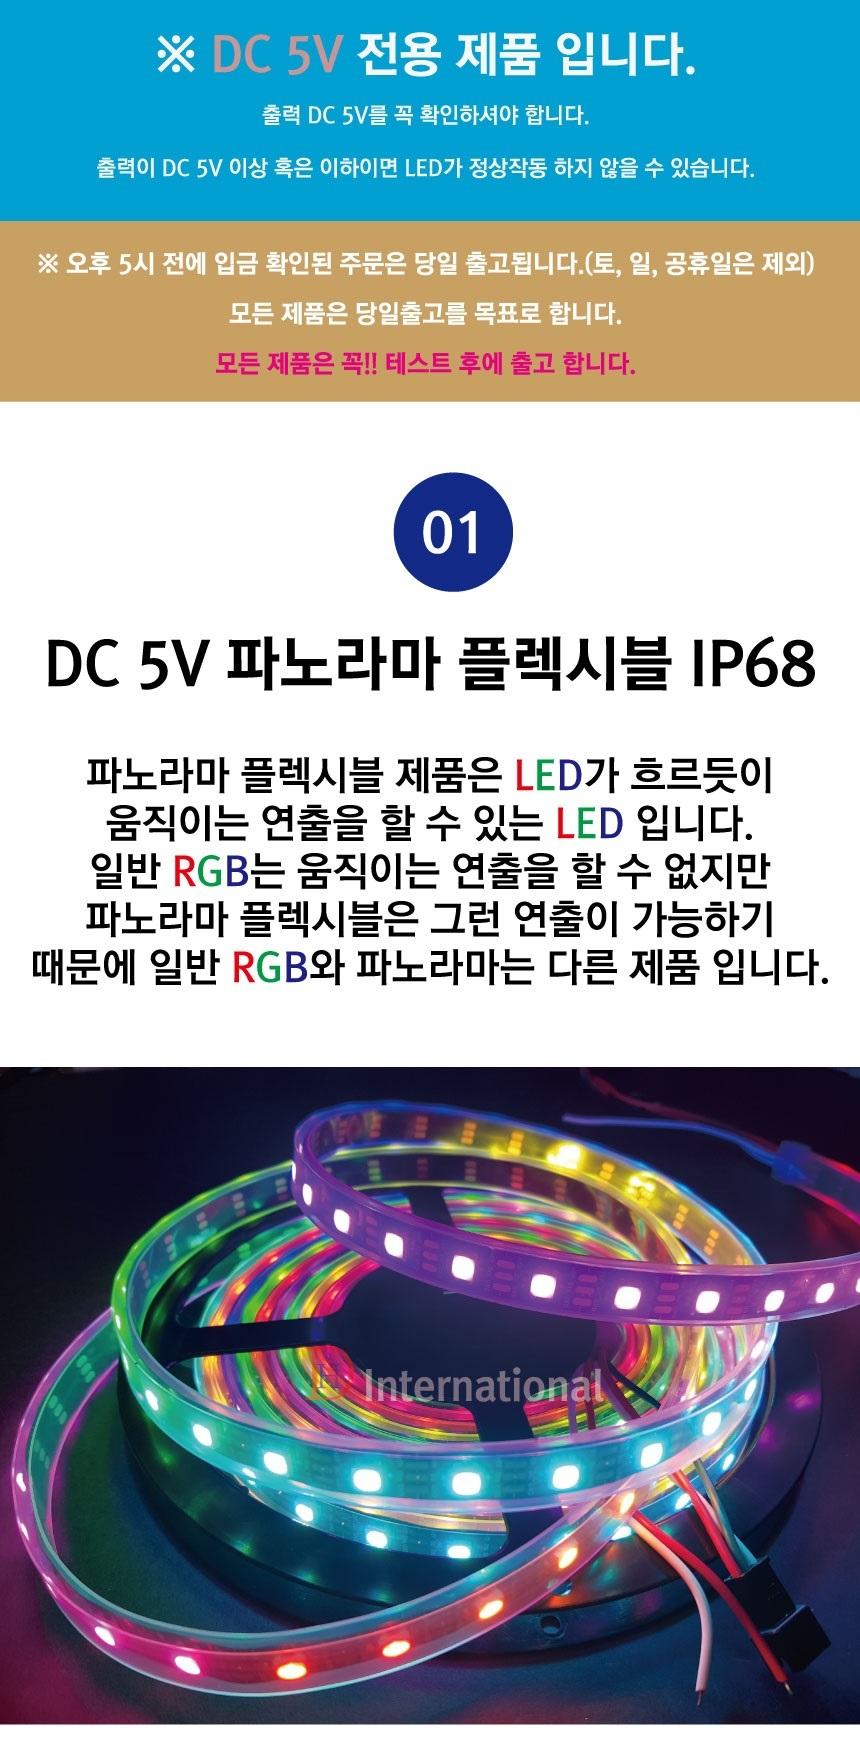 DC5V-%ED%8C%8C%EB%85%B8%EB%9D%BC%EB%A7%8